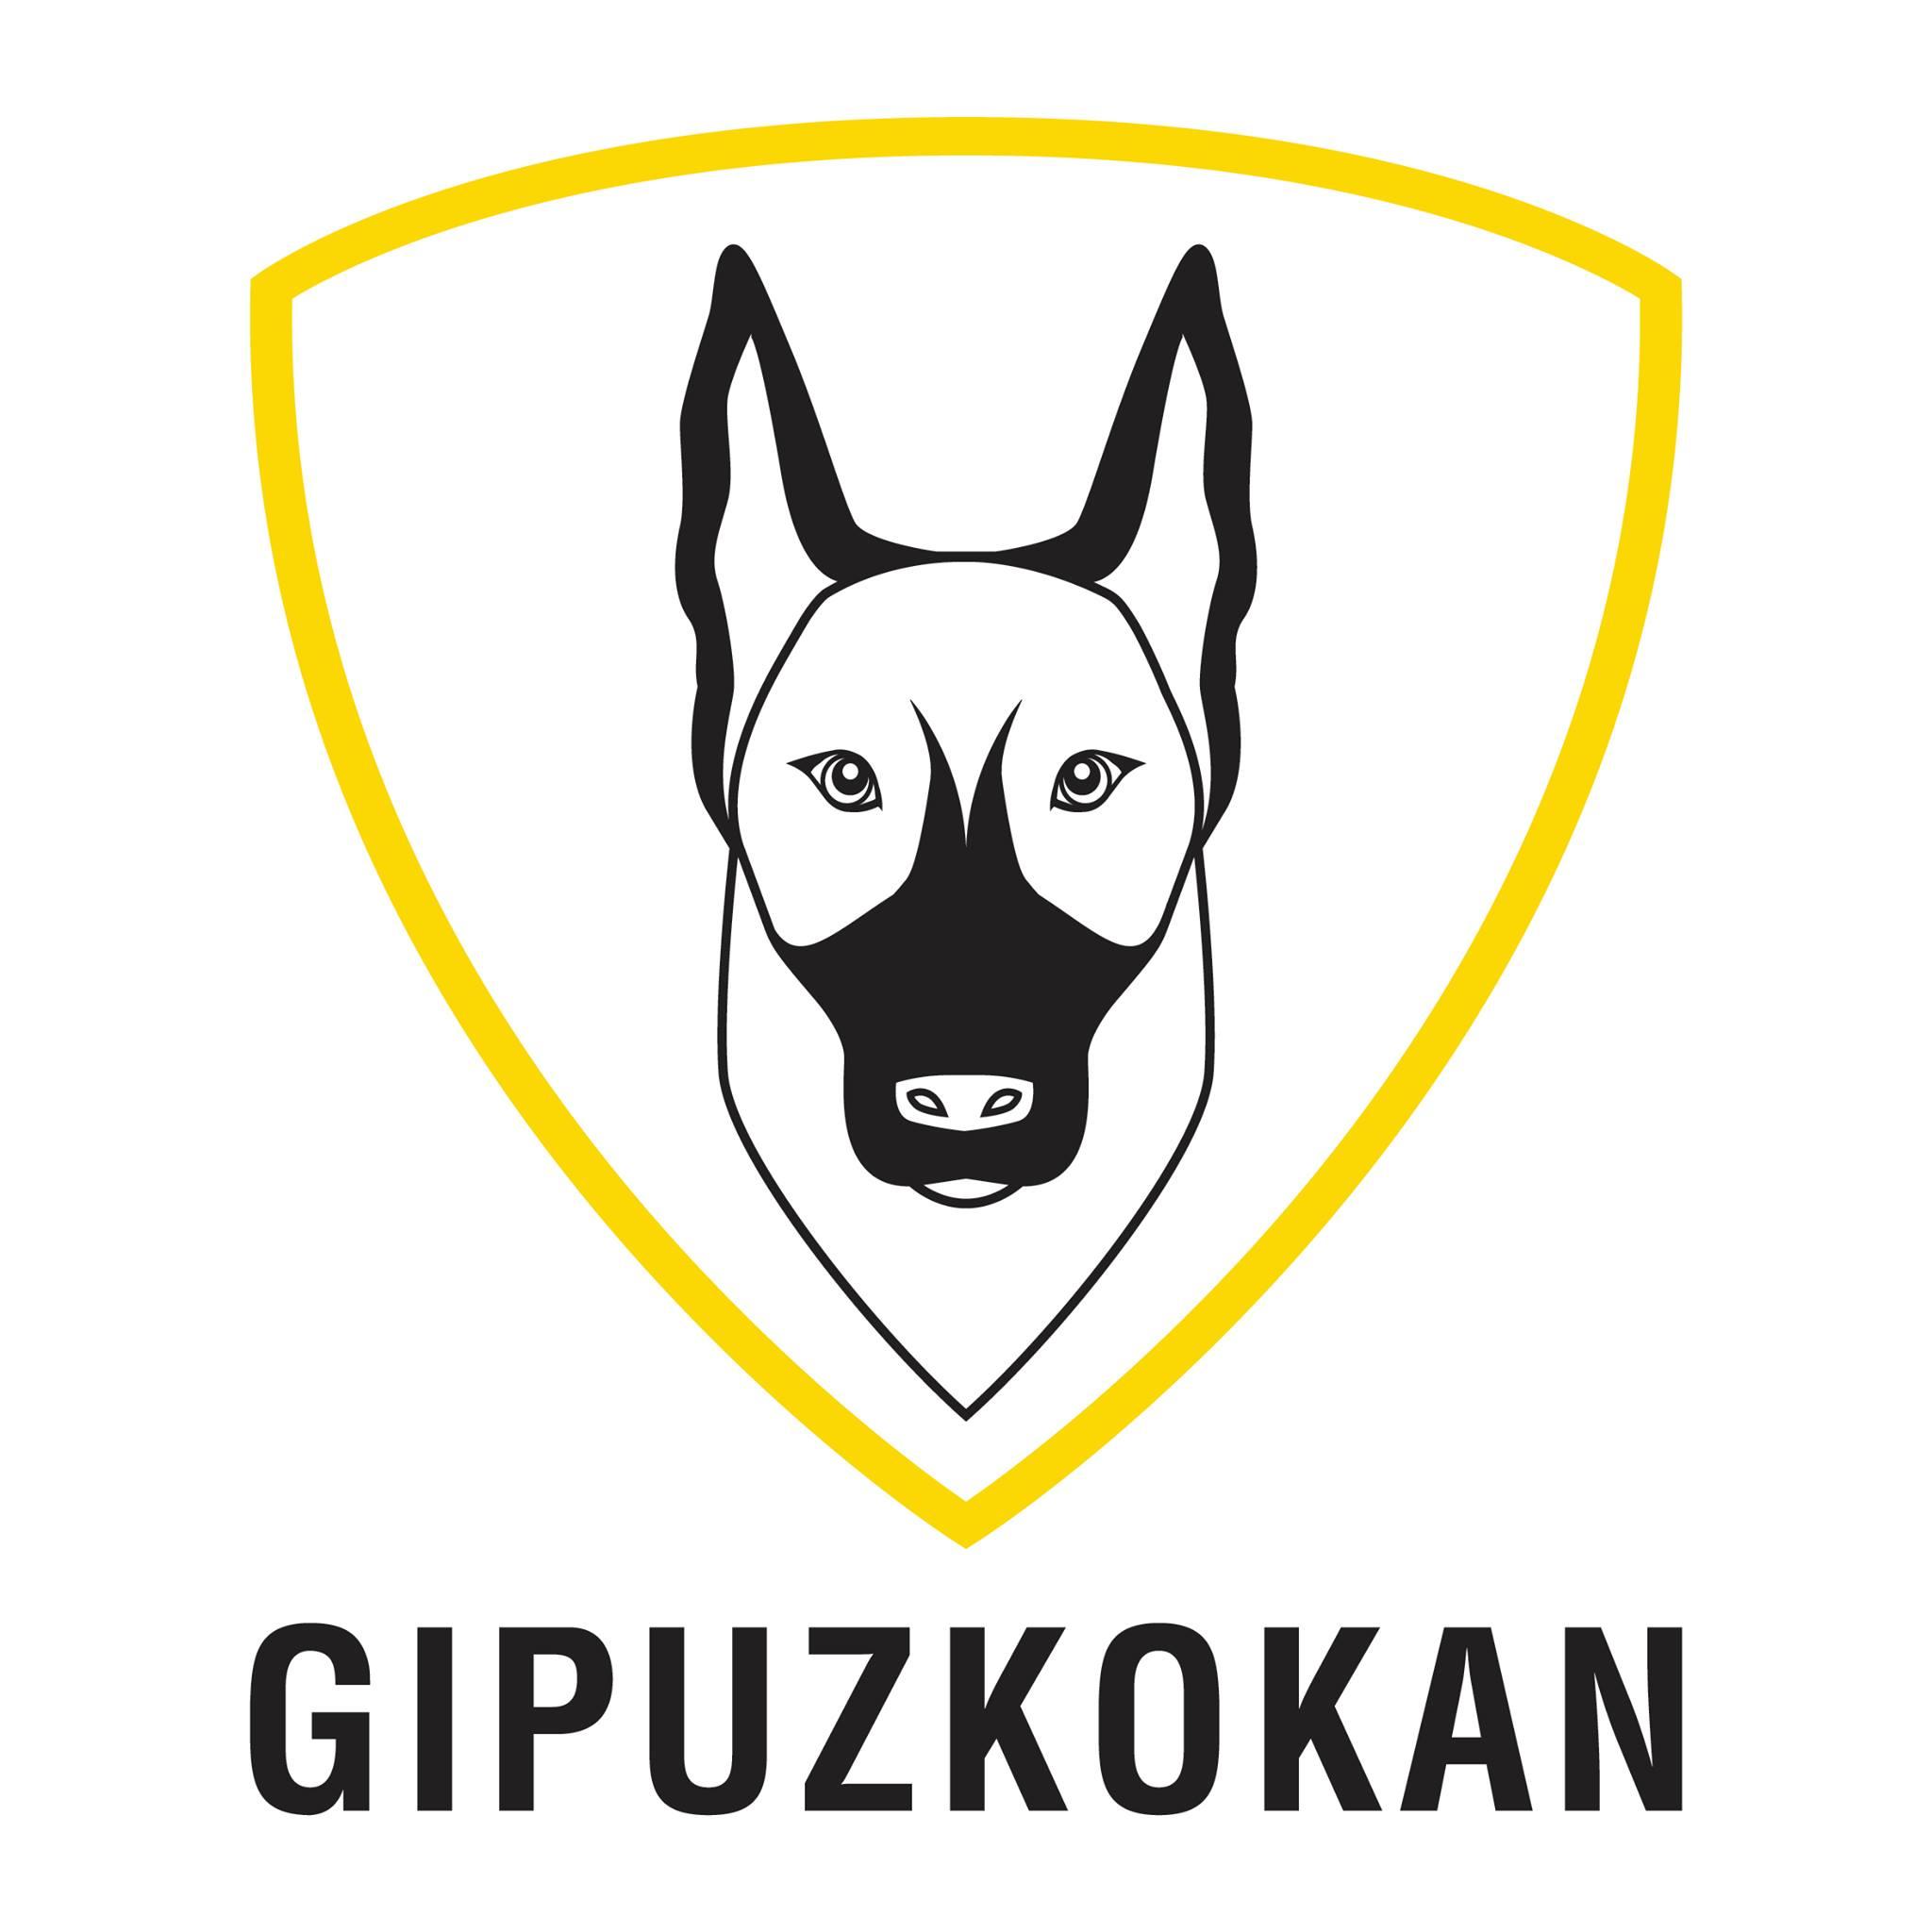 Adiestradores Caninos Guip�zcoa GIPUZKO KAN